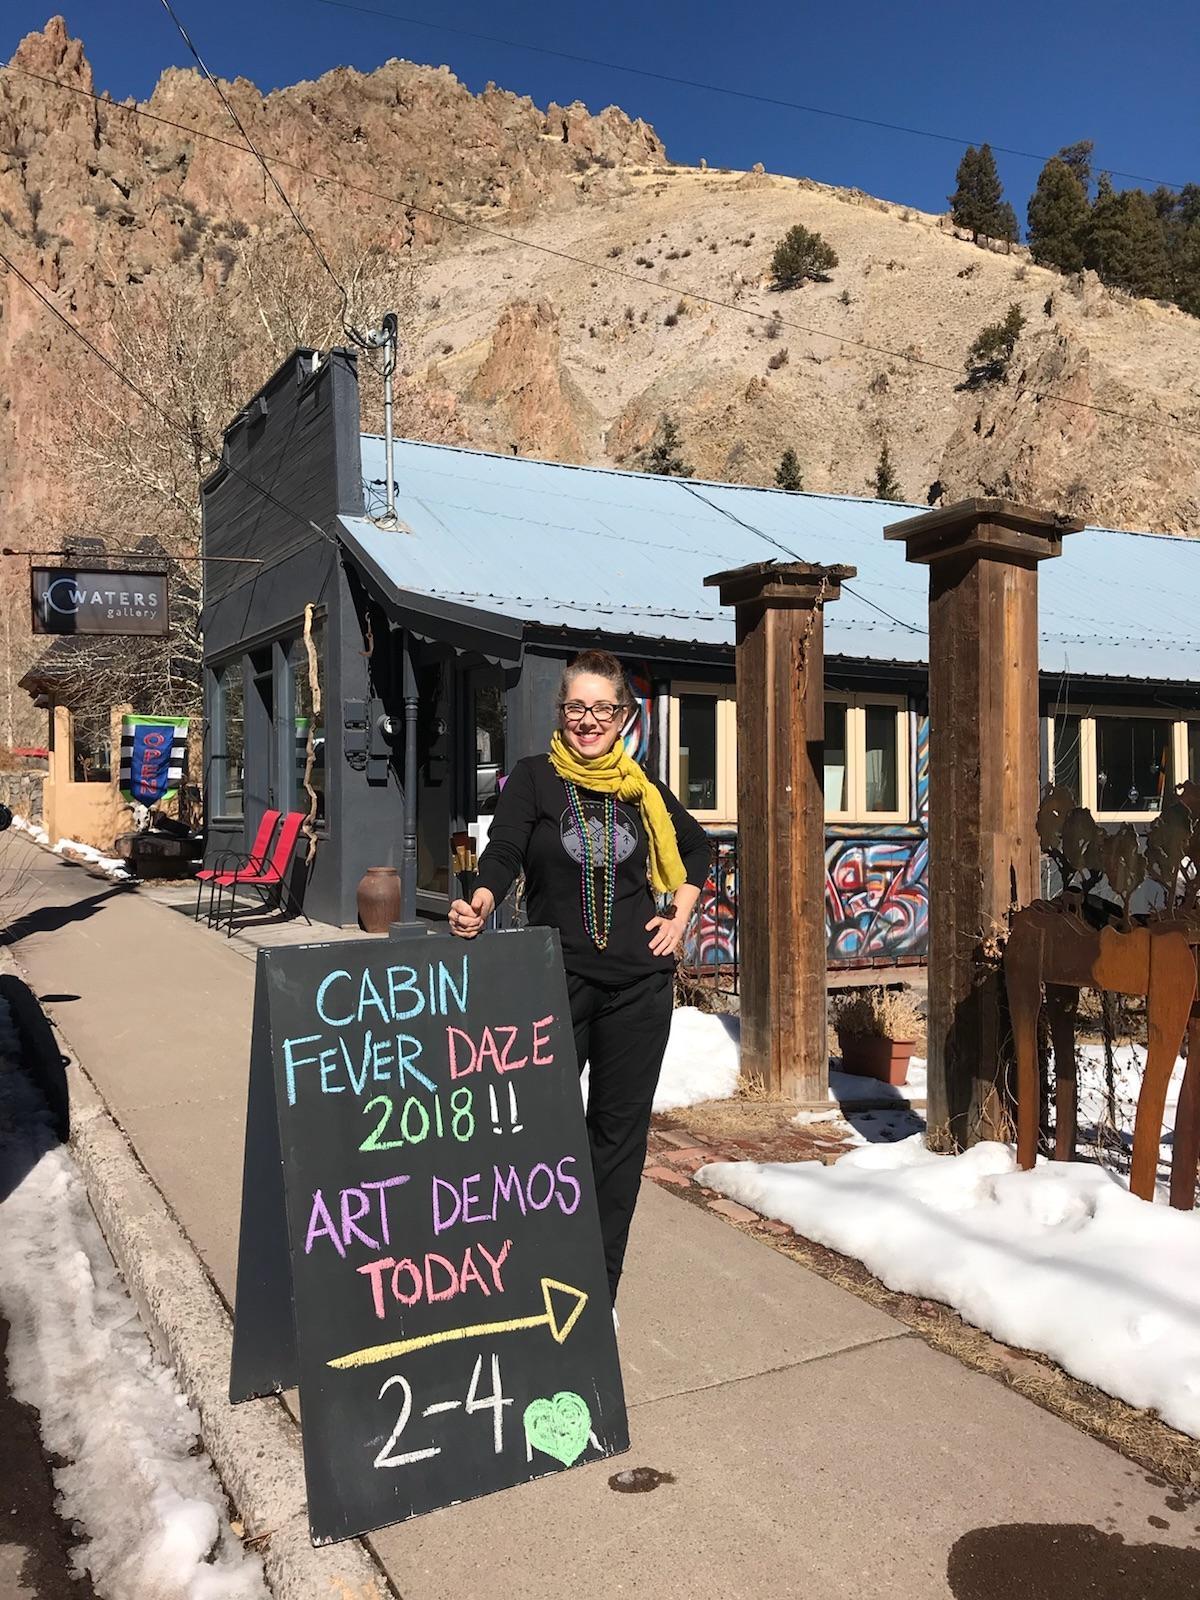 Cabin Fever Daze, Creede, CO